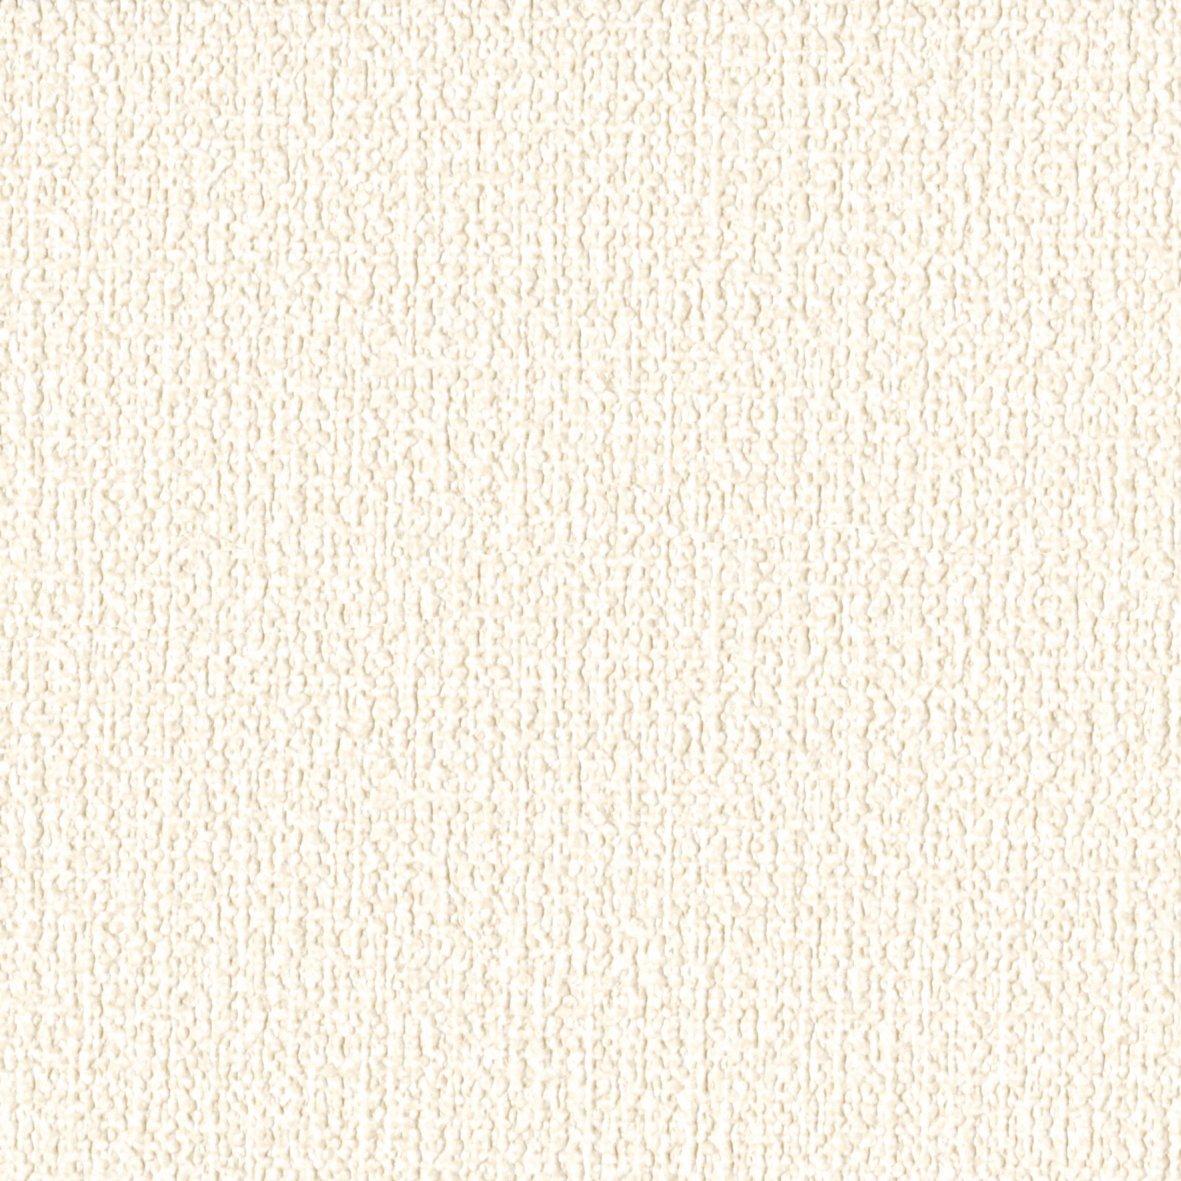 リリカラ 壁紙48m シンフル 織物調 ベージュ 織物調 LB-9006 B01IHRXJNC 48m